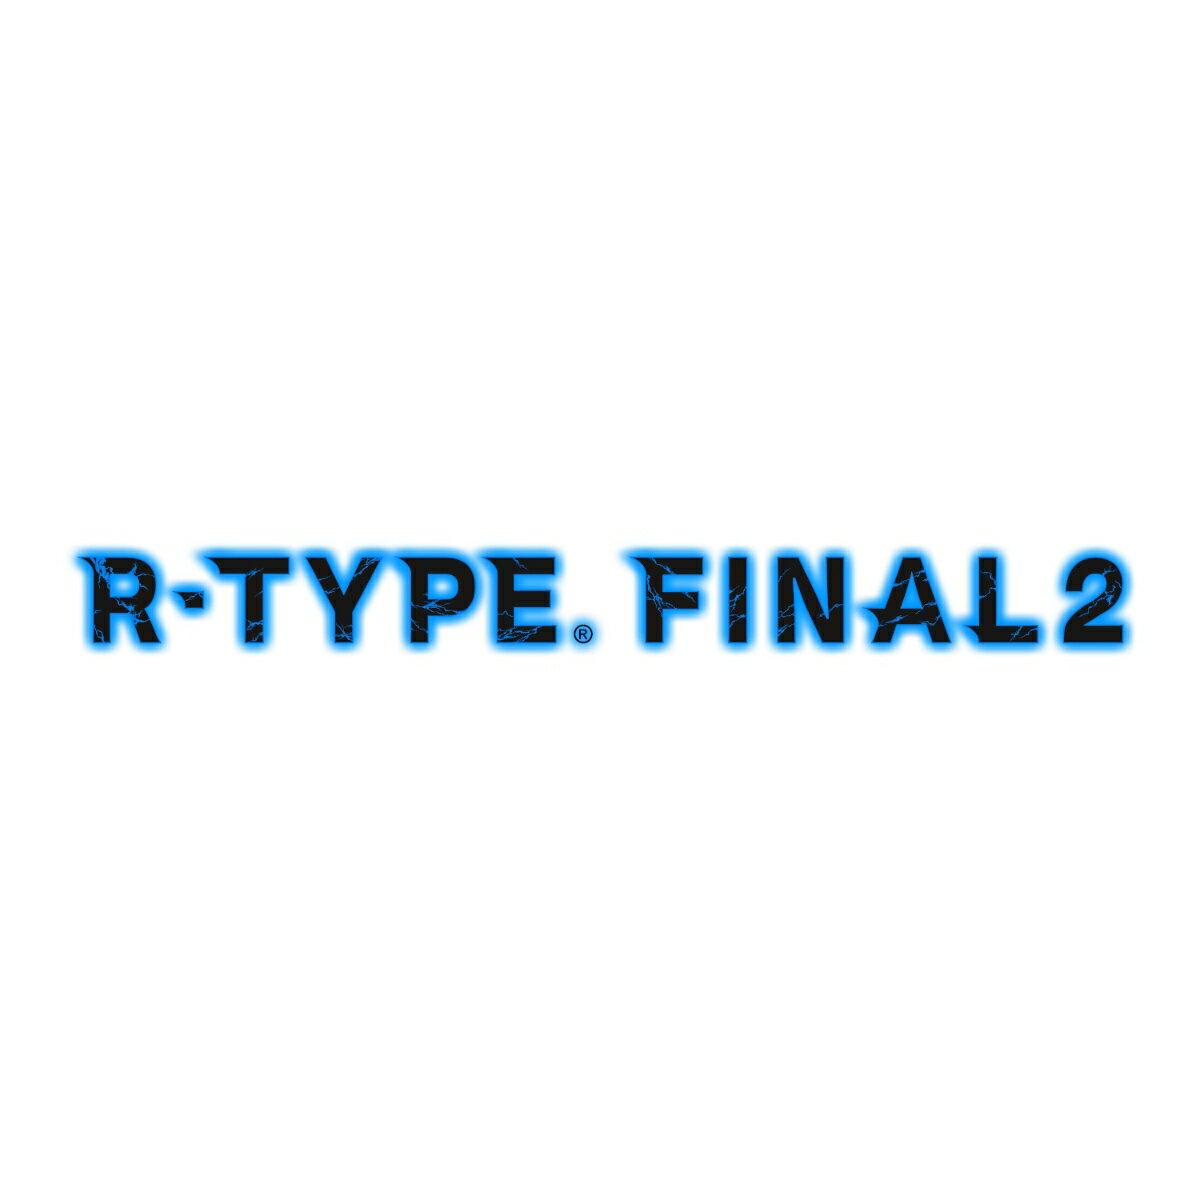 【楽天ブックス限定特典】R-TYPE FINAL 2 限定版 Switch版(オリジナルデカールDLC(イーグル))